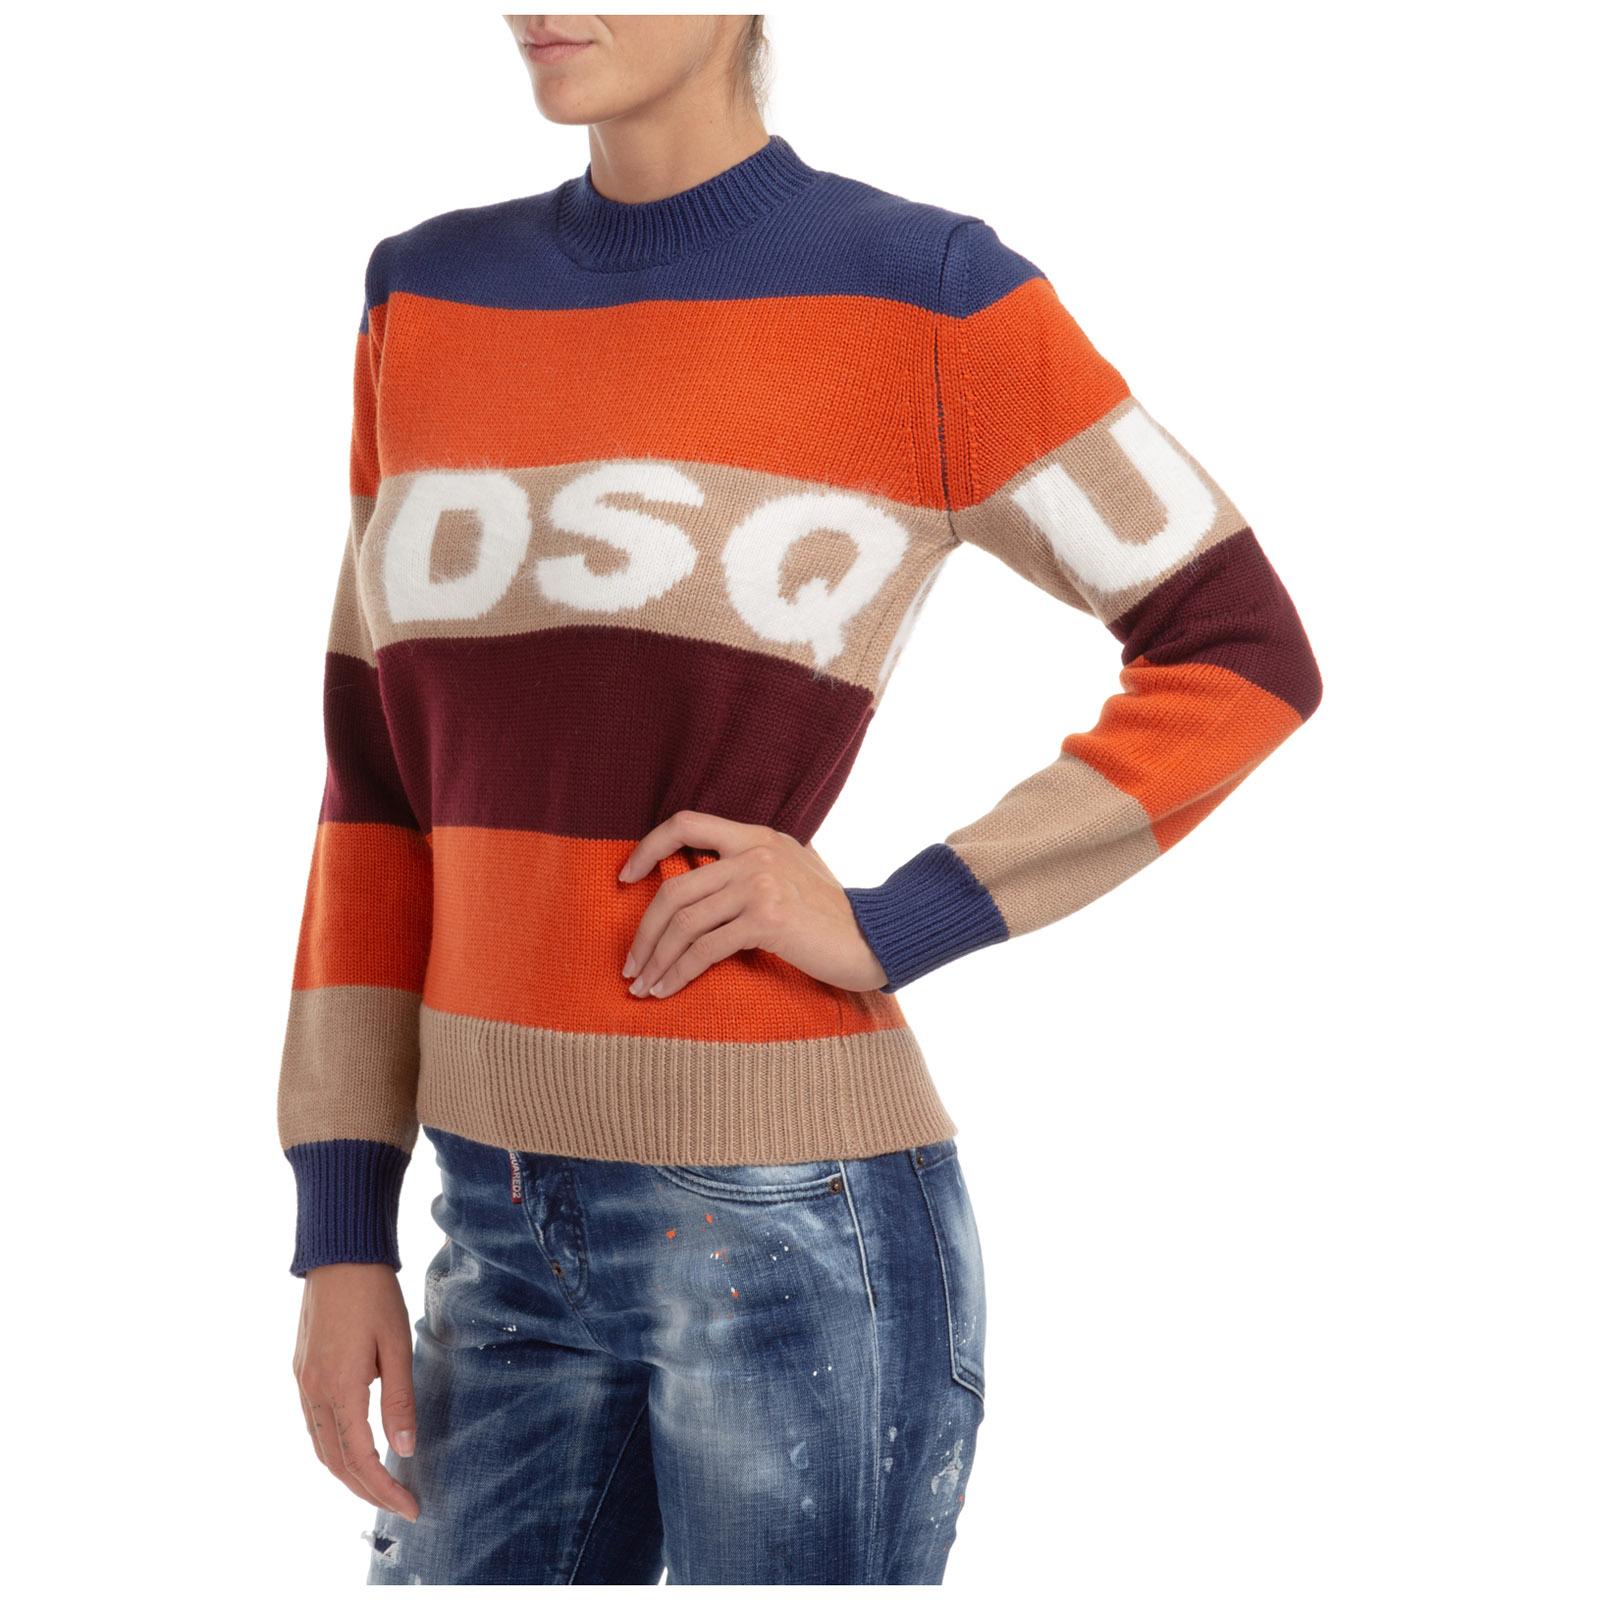 Women's jumper sweater crew neck round